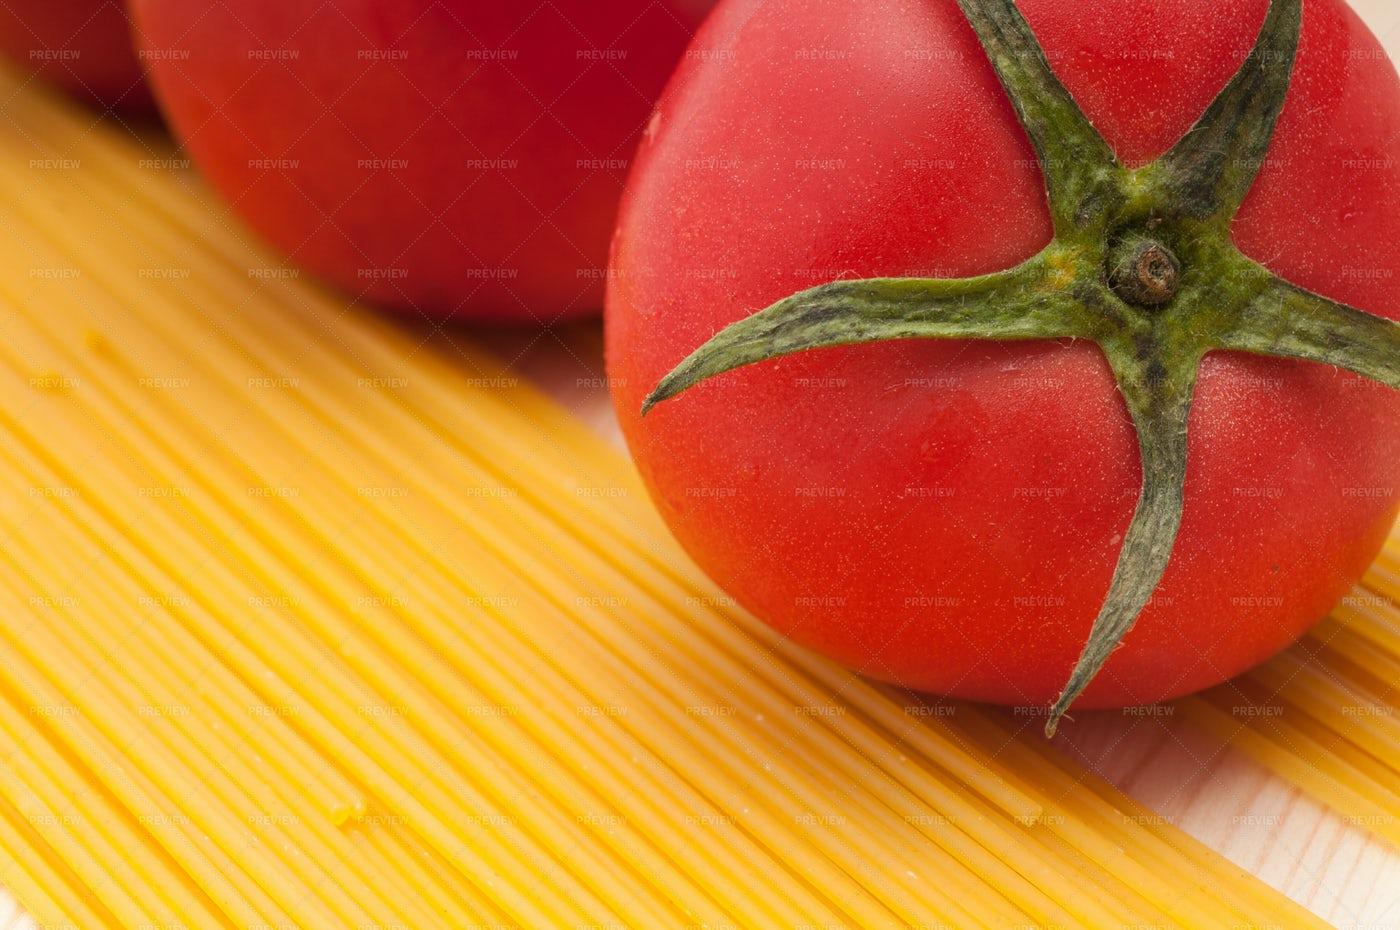 Fresh Tomatoes And Spaghetti Pasta: Stock Photos